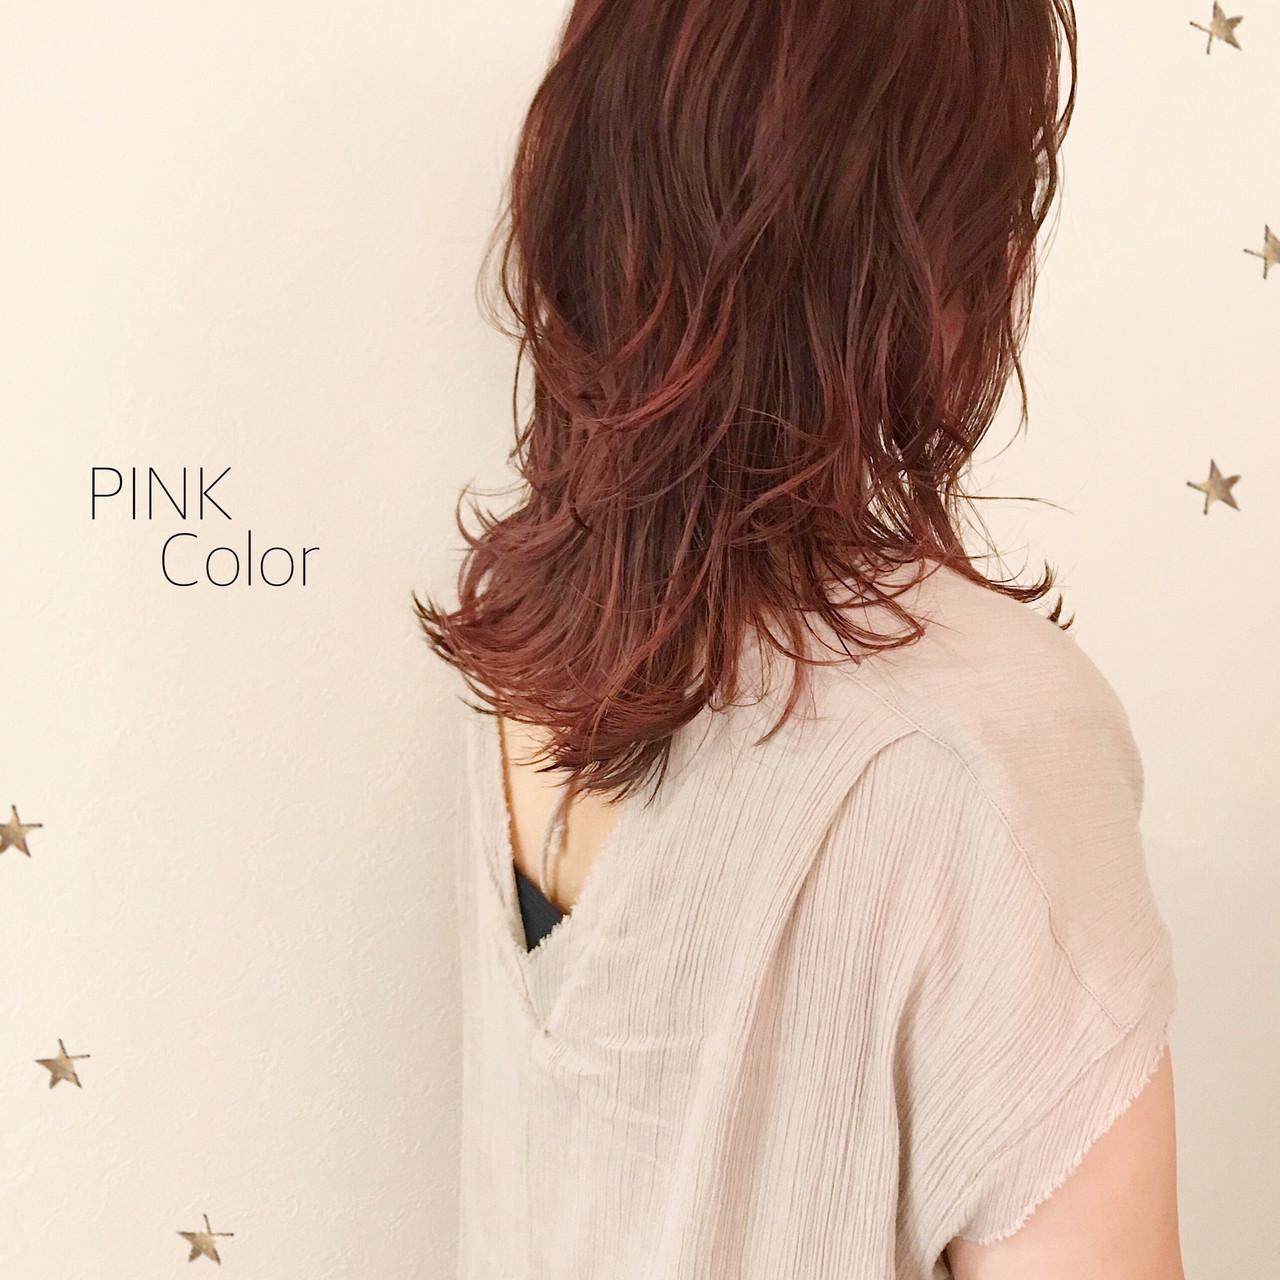 ストリート ピンク セミロング ニュアンスウルフ ヘアスタイルや髪型の写真・画像